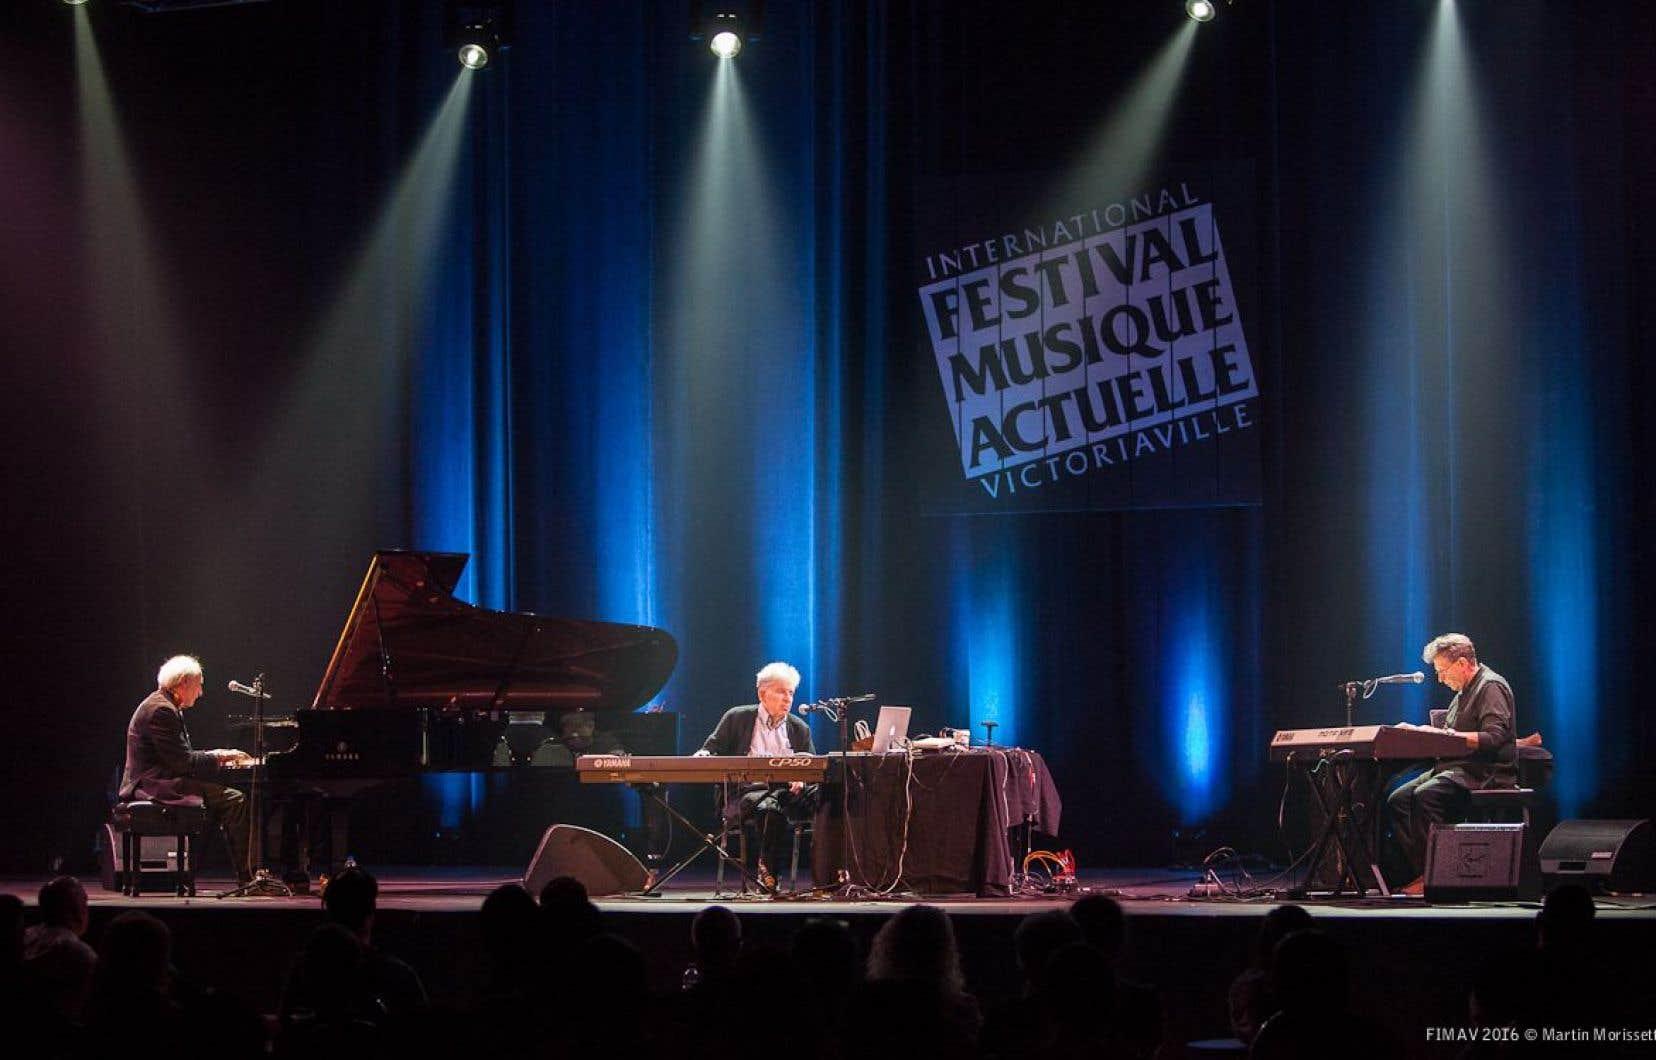 Frederic Rzewski, Richard Teitelbaum et Alvin Curran du Musica Elettronica Viva en avaient encore beaucoup à nous apprendre sur le plan politique et musical.